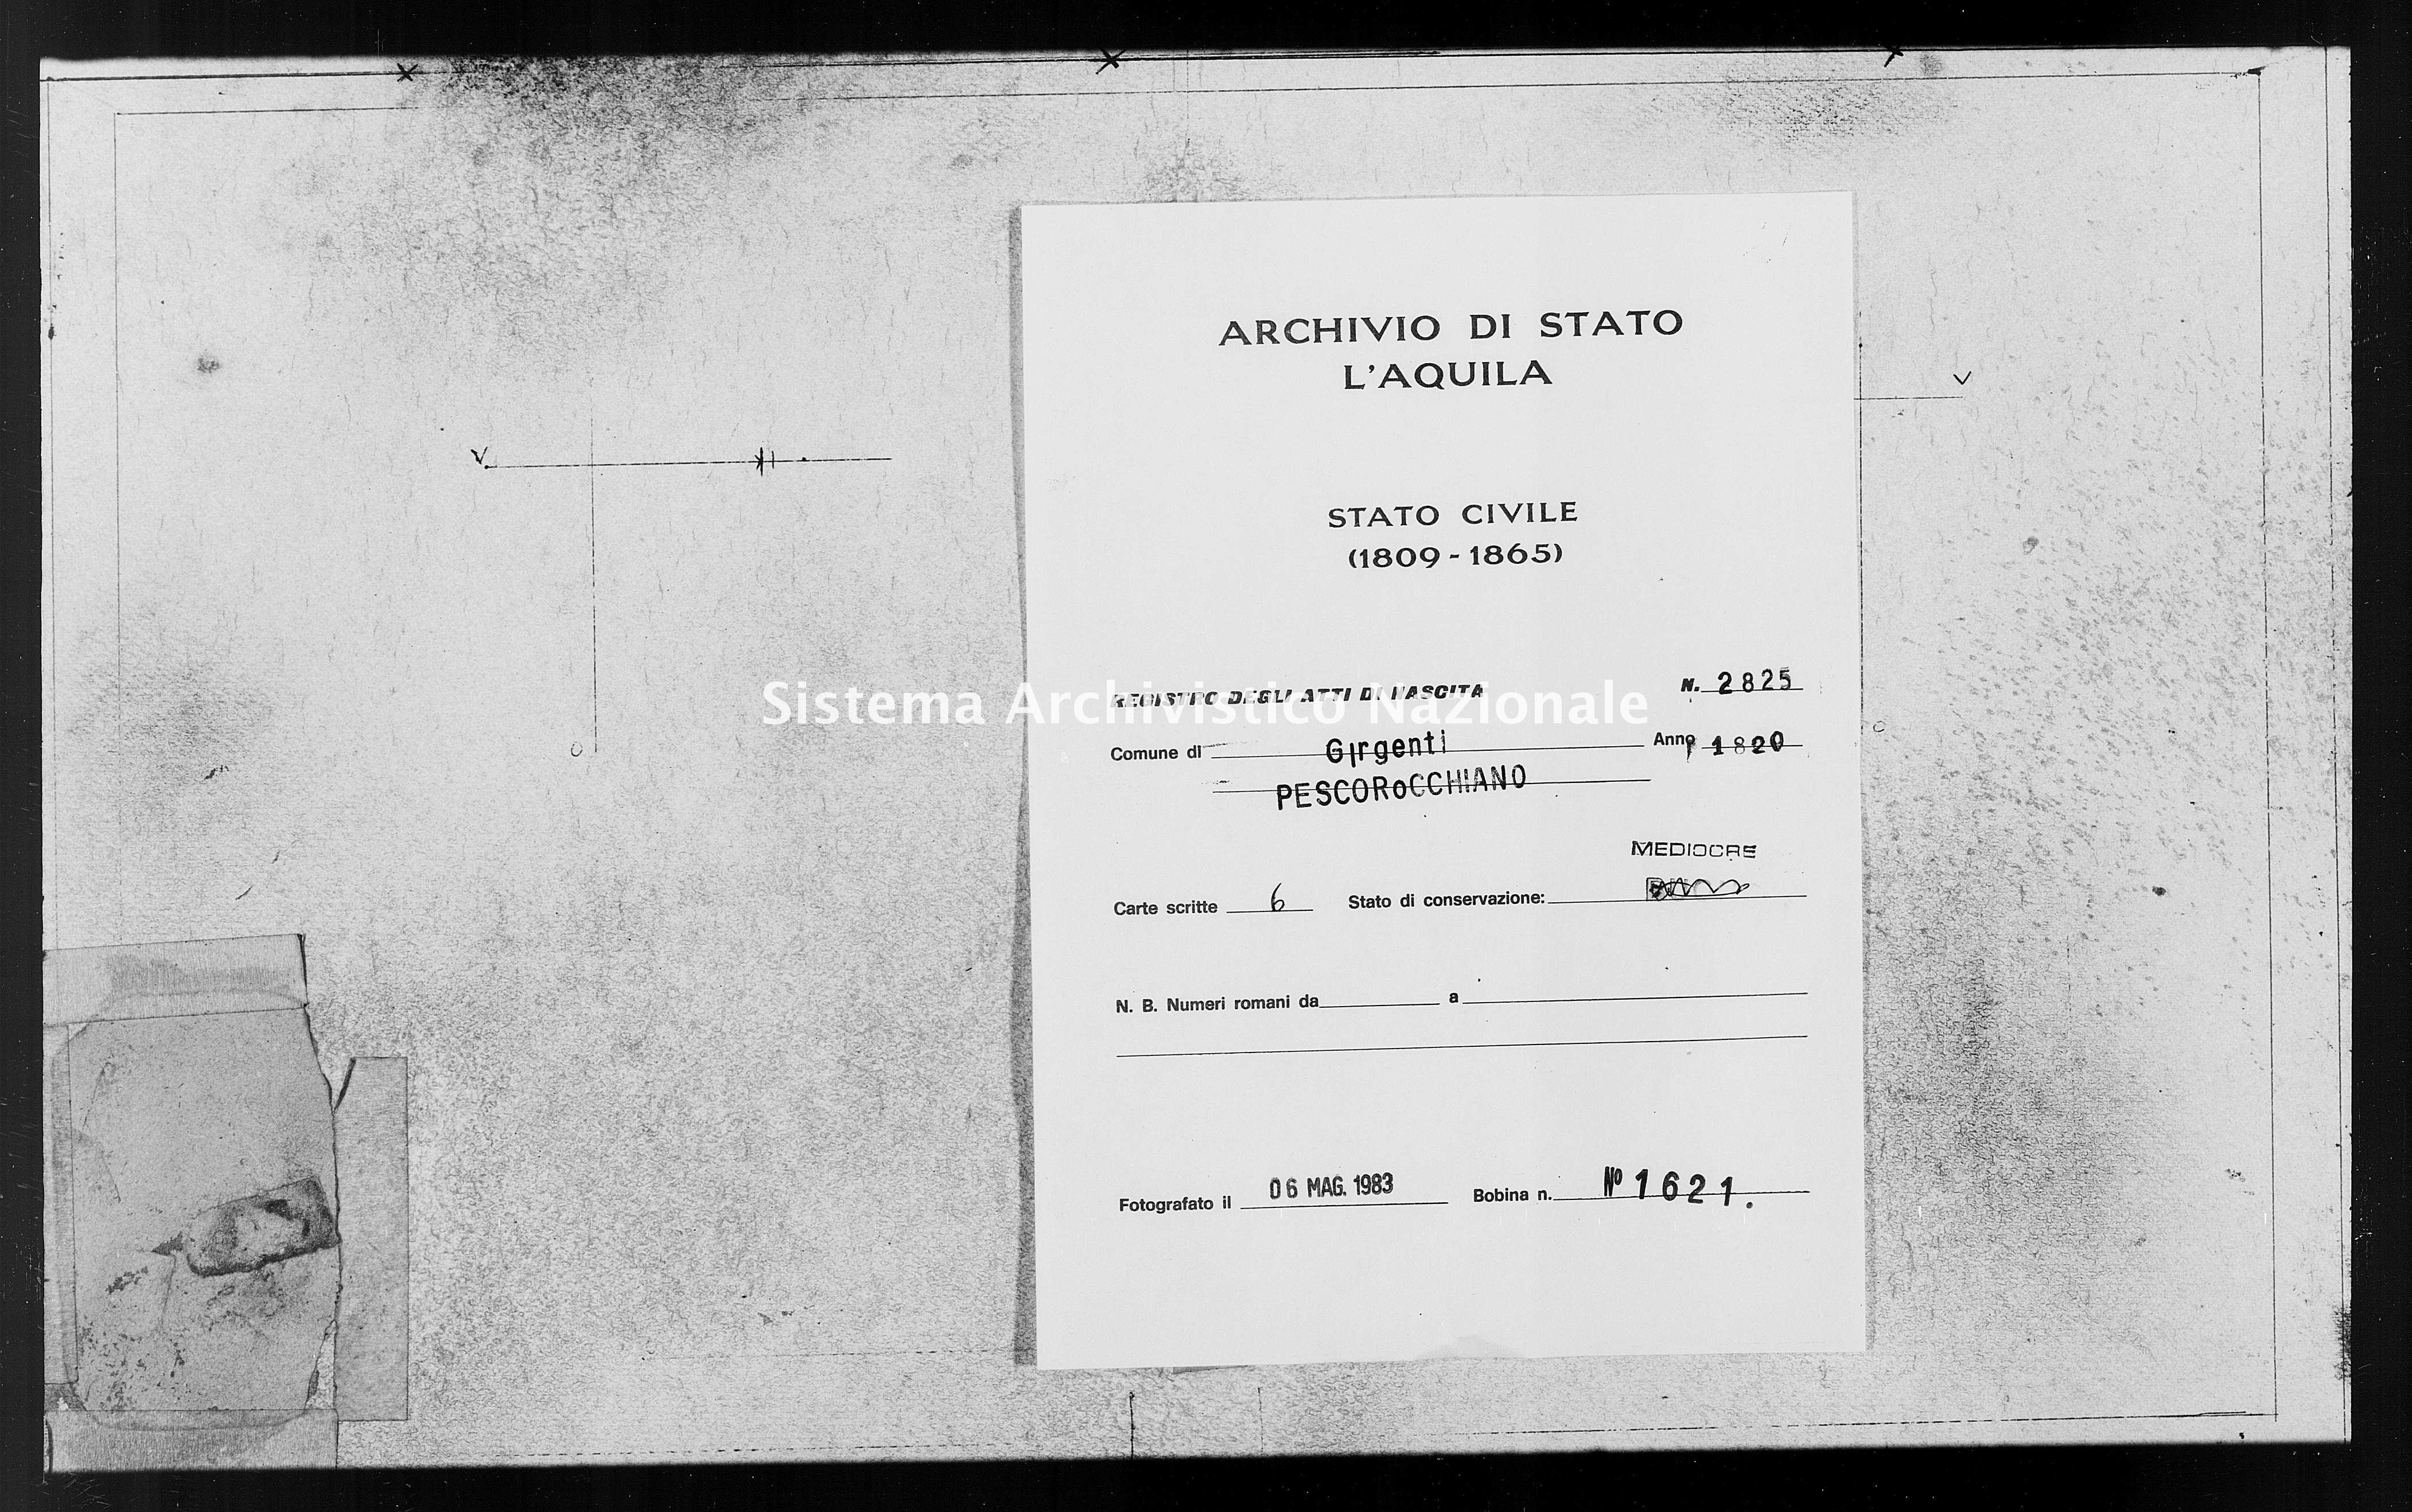 Archivio di stato di L'aquila - Stato civile della restaurazione - Girgenti - Nati - 1820 - 2825 -